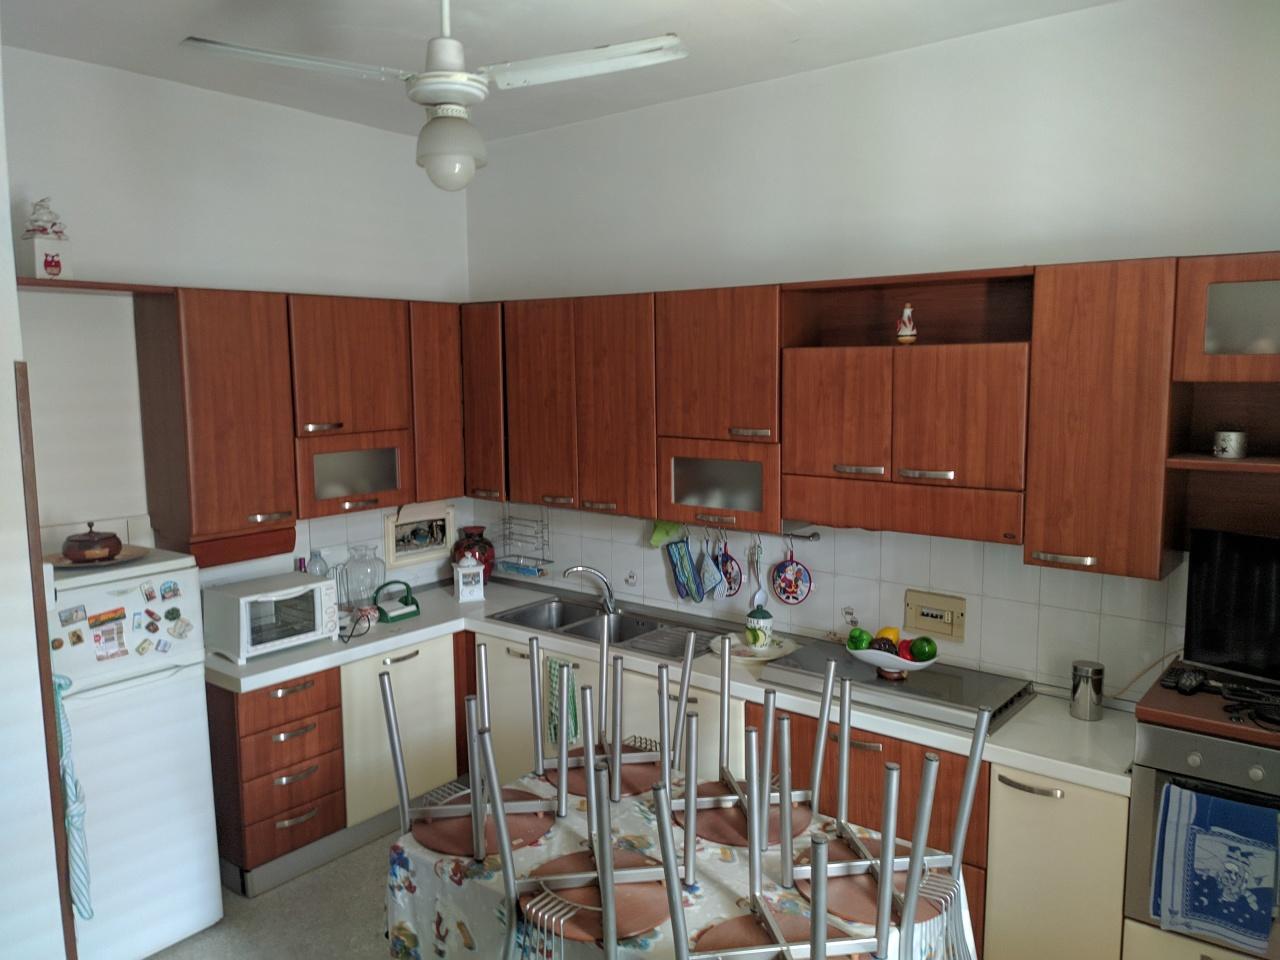 Appartamento in vendita a Reggio Calabria, 2 locali, prezzo € 65.000 | CambioCasa.it